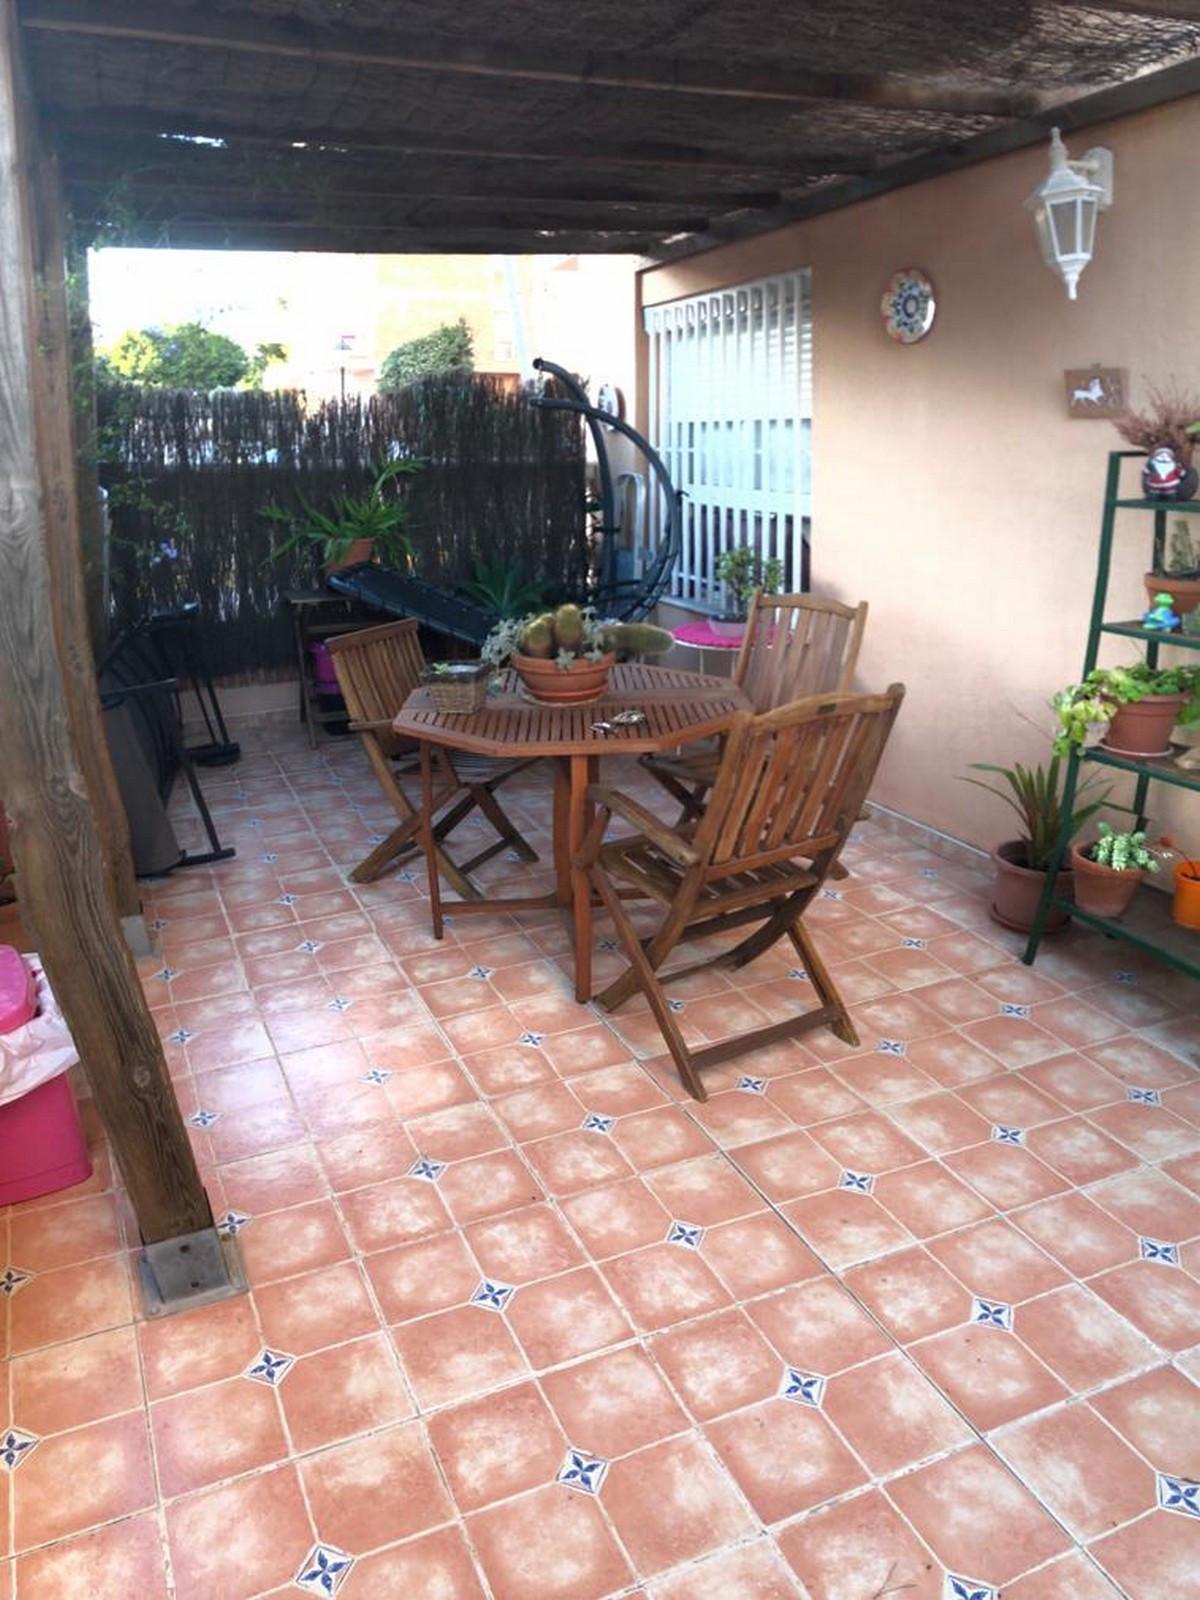 Apartamento - Benalmadena - R3767815 - mibgroup.es